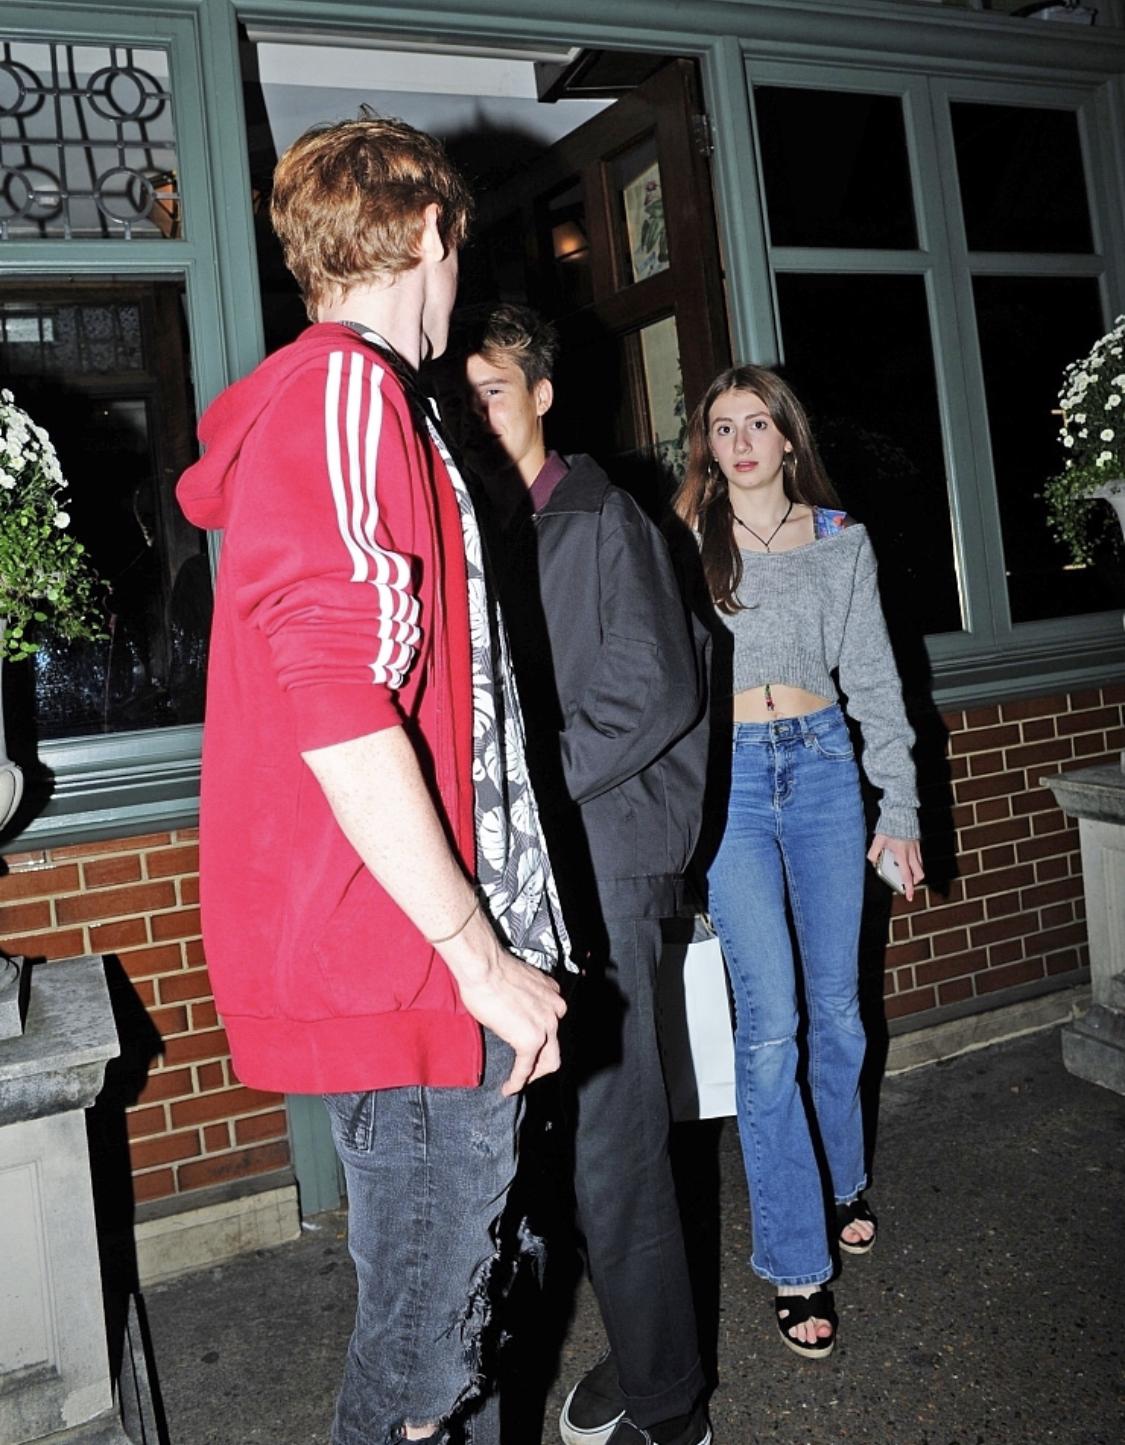 贝克汉姆14岁小儿子克鲁兹和女朋友约会 小女友发现狗仔跟拍 把囧三脸